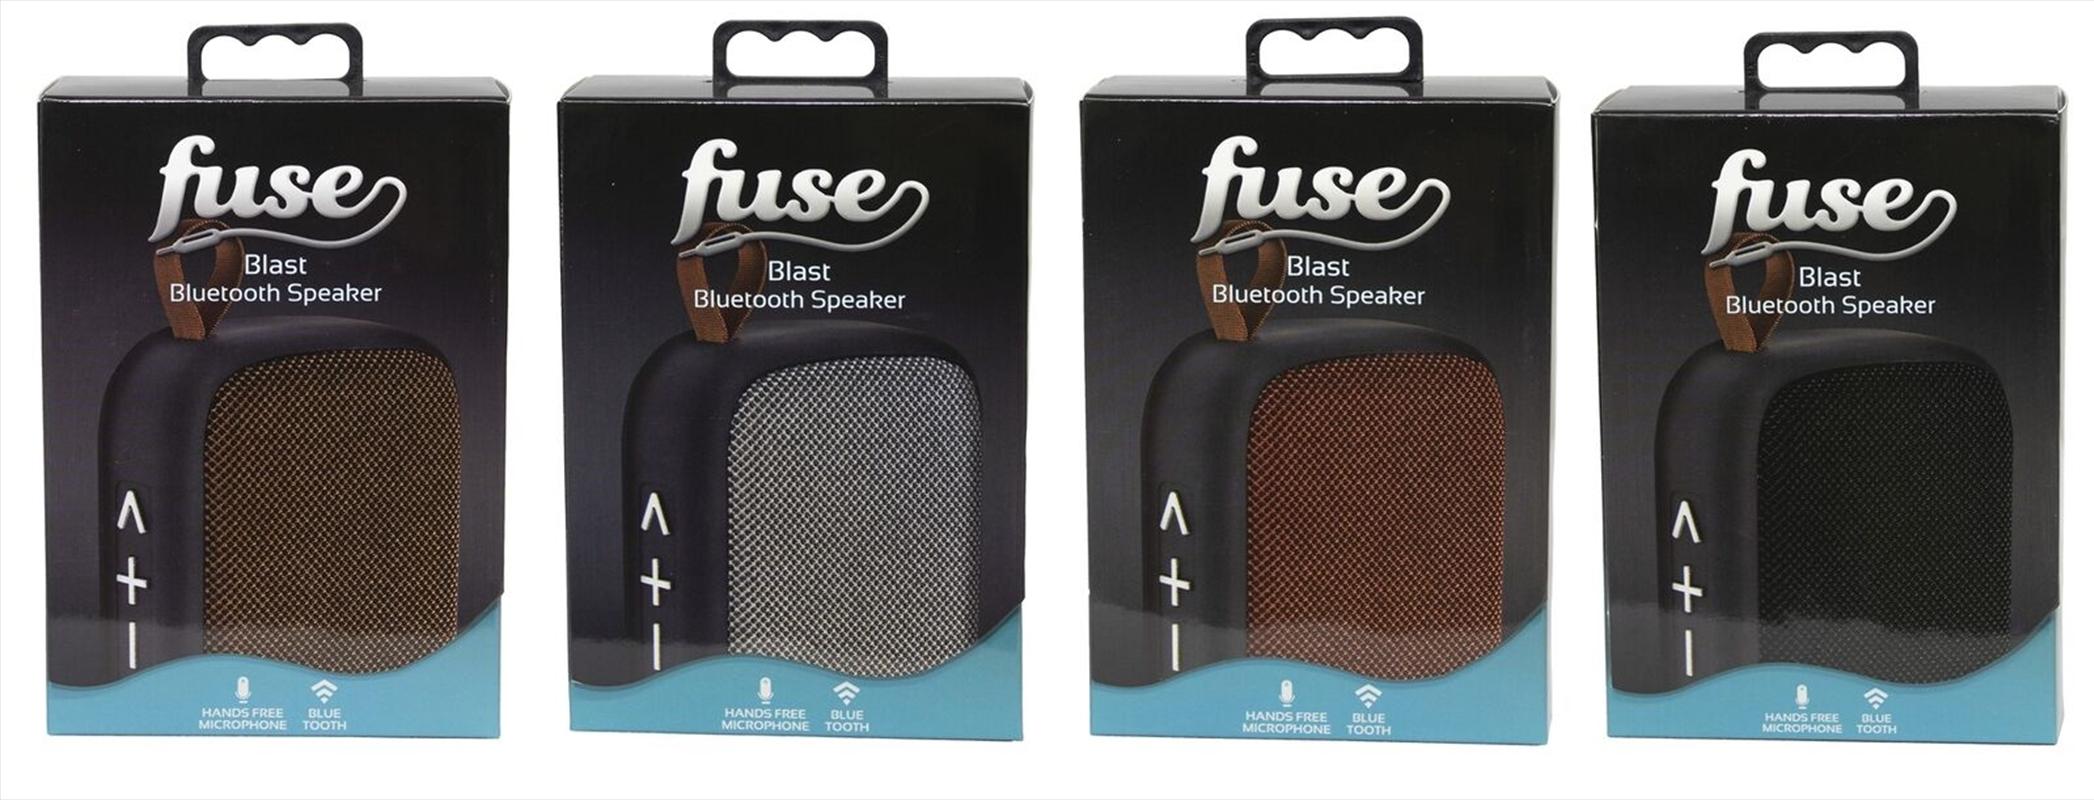 Fuse Blast Bluetooth Speaker | Accessories